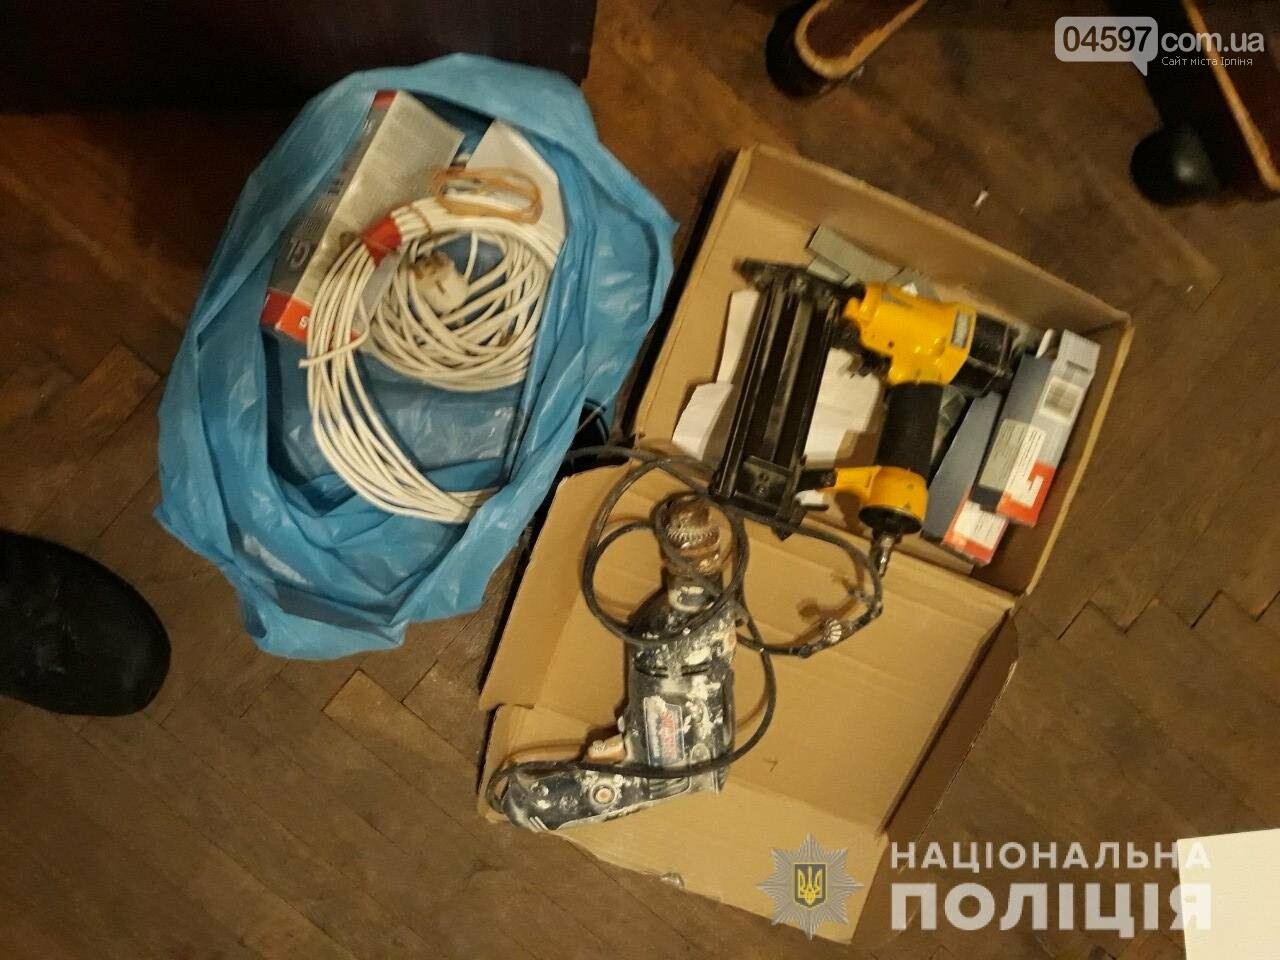 На світанку в Ірпені затримали двох ірпінчан із повним візком награбованого та наркотиками, фото-2